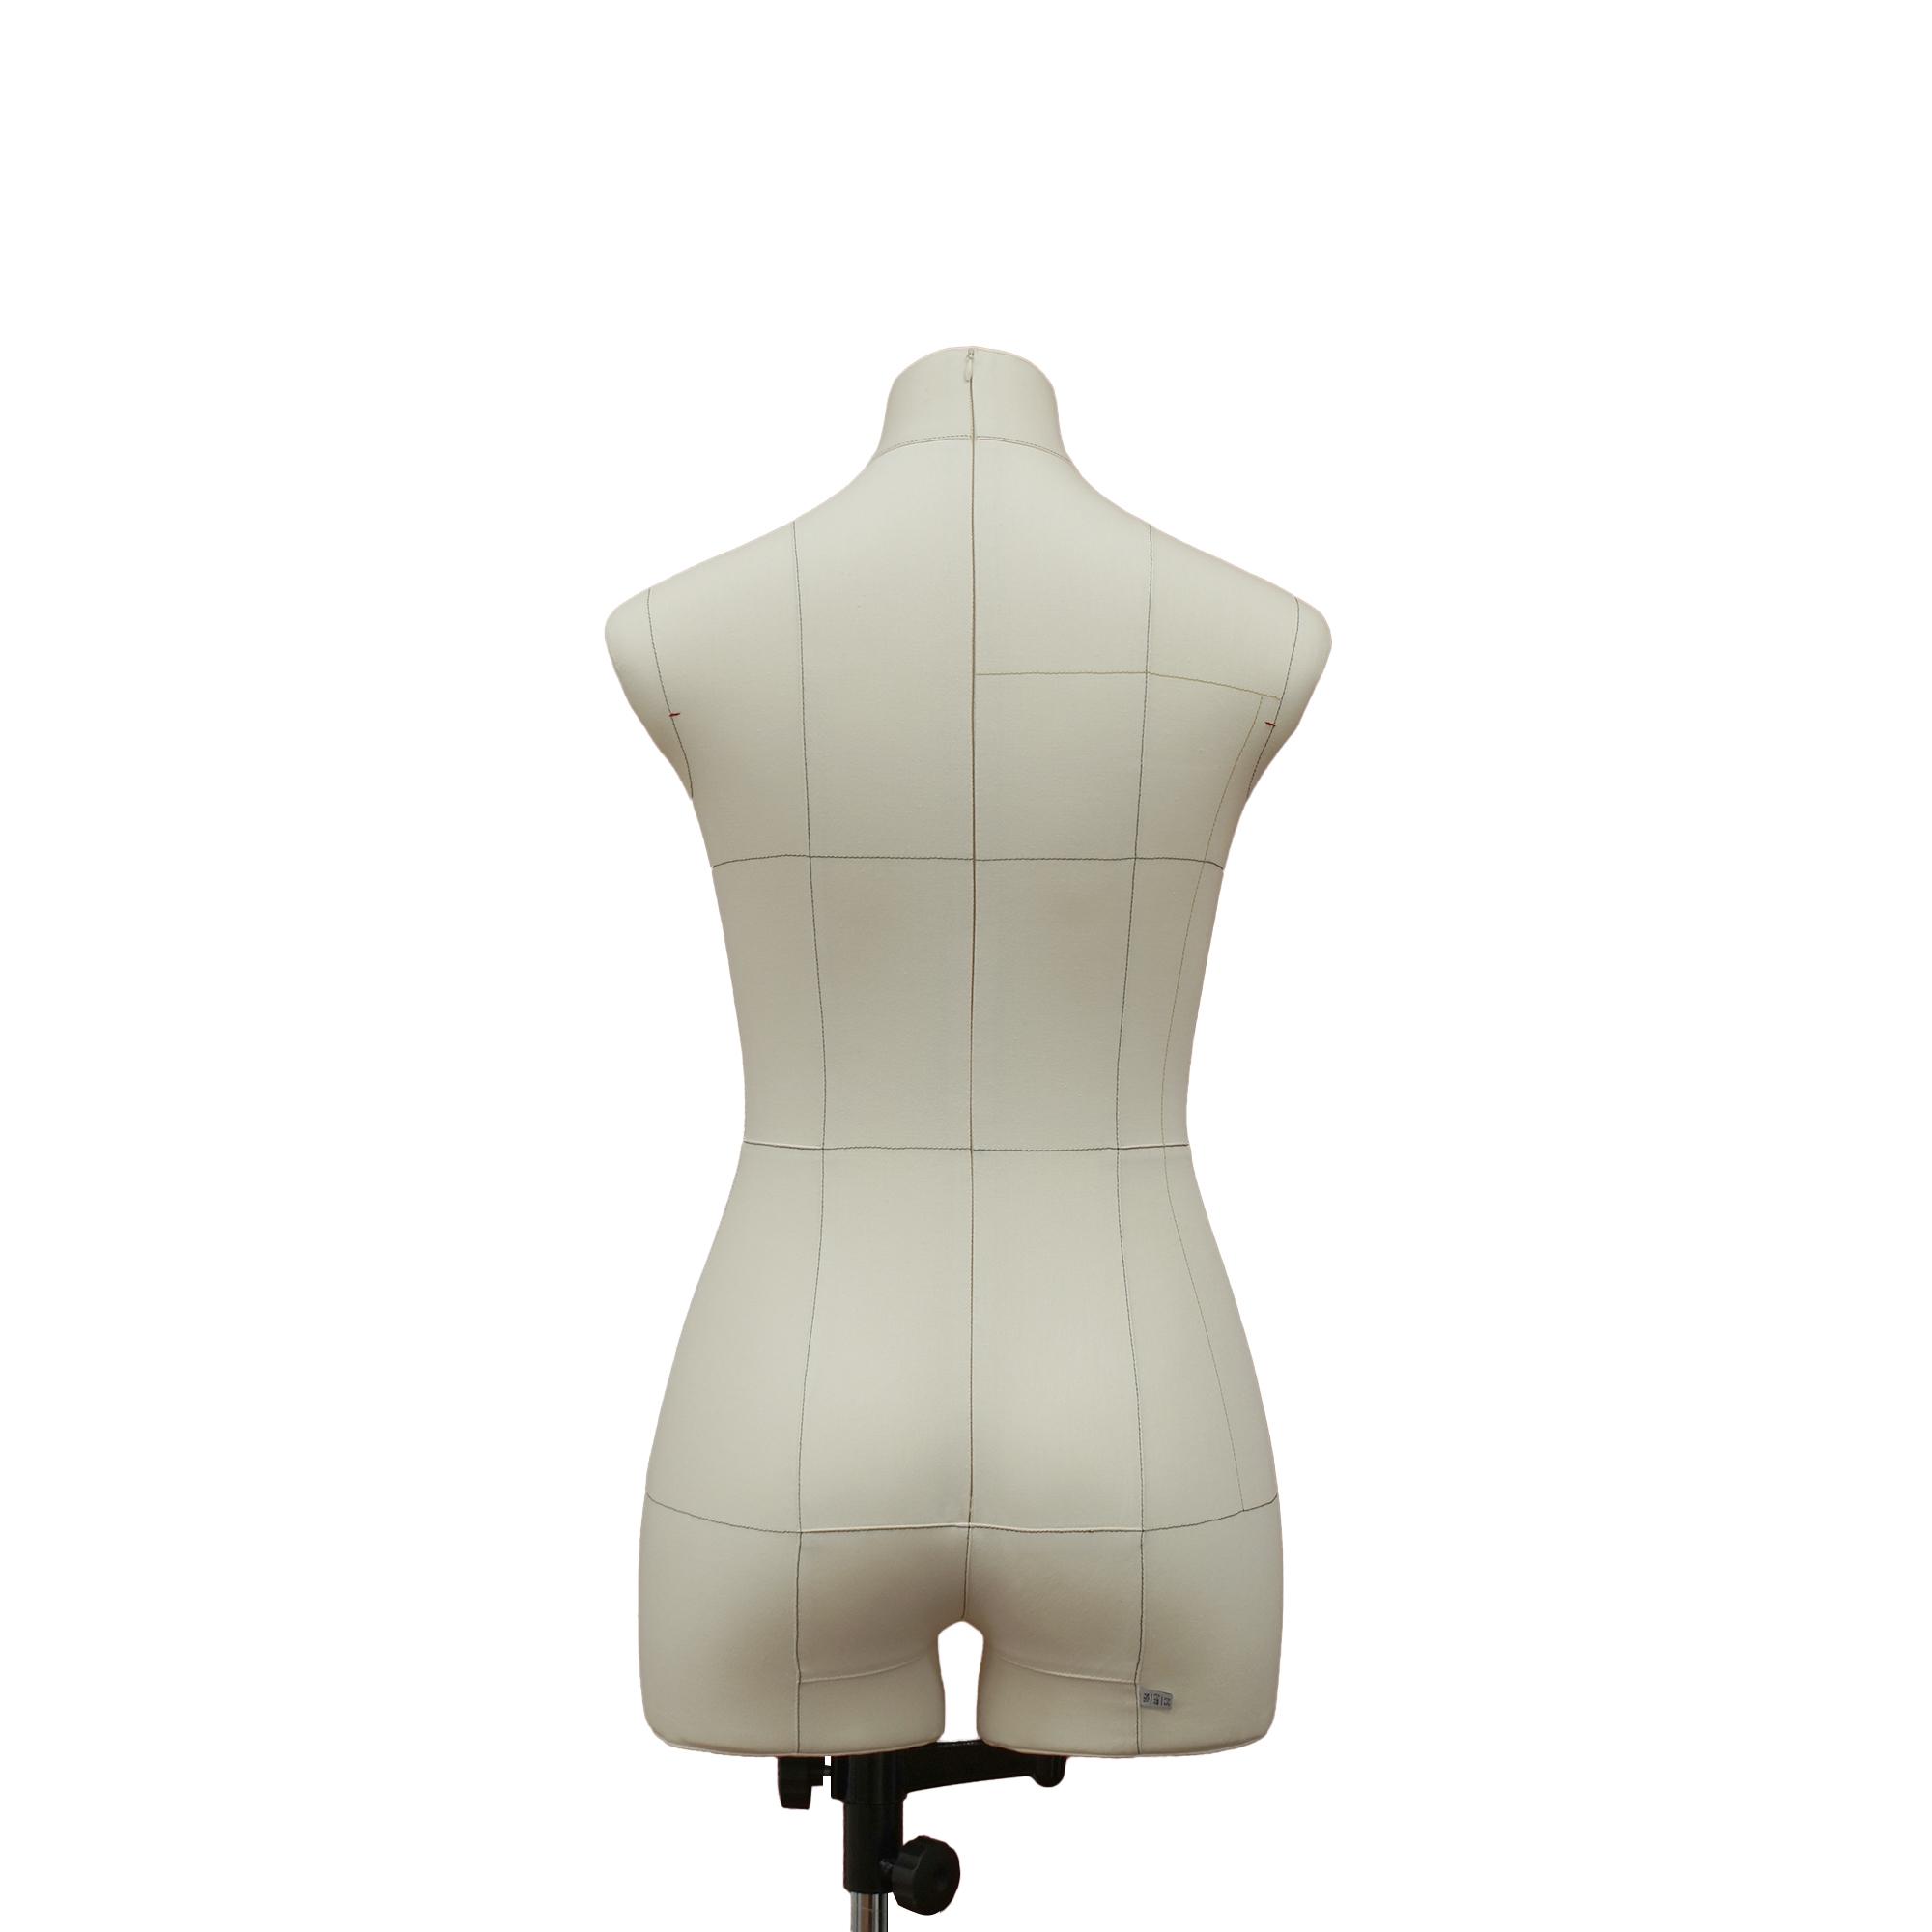 Манекен портновский Моника, комплект Про, размер 44, тип фигуры Песочные часы, бежевыйФото 1